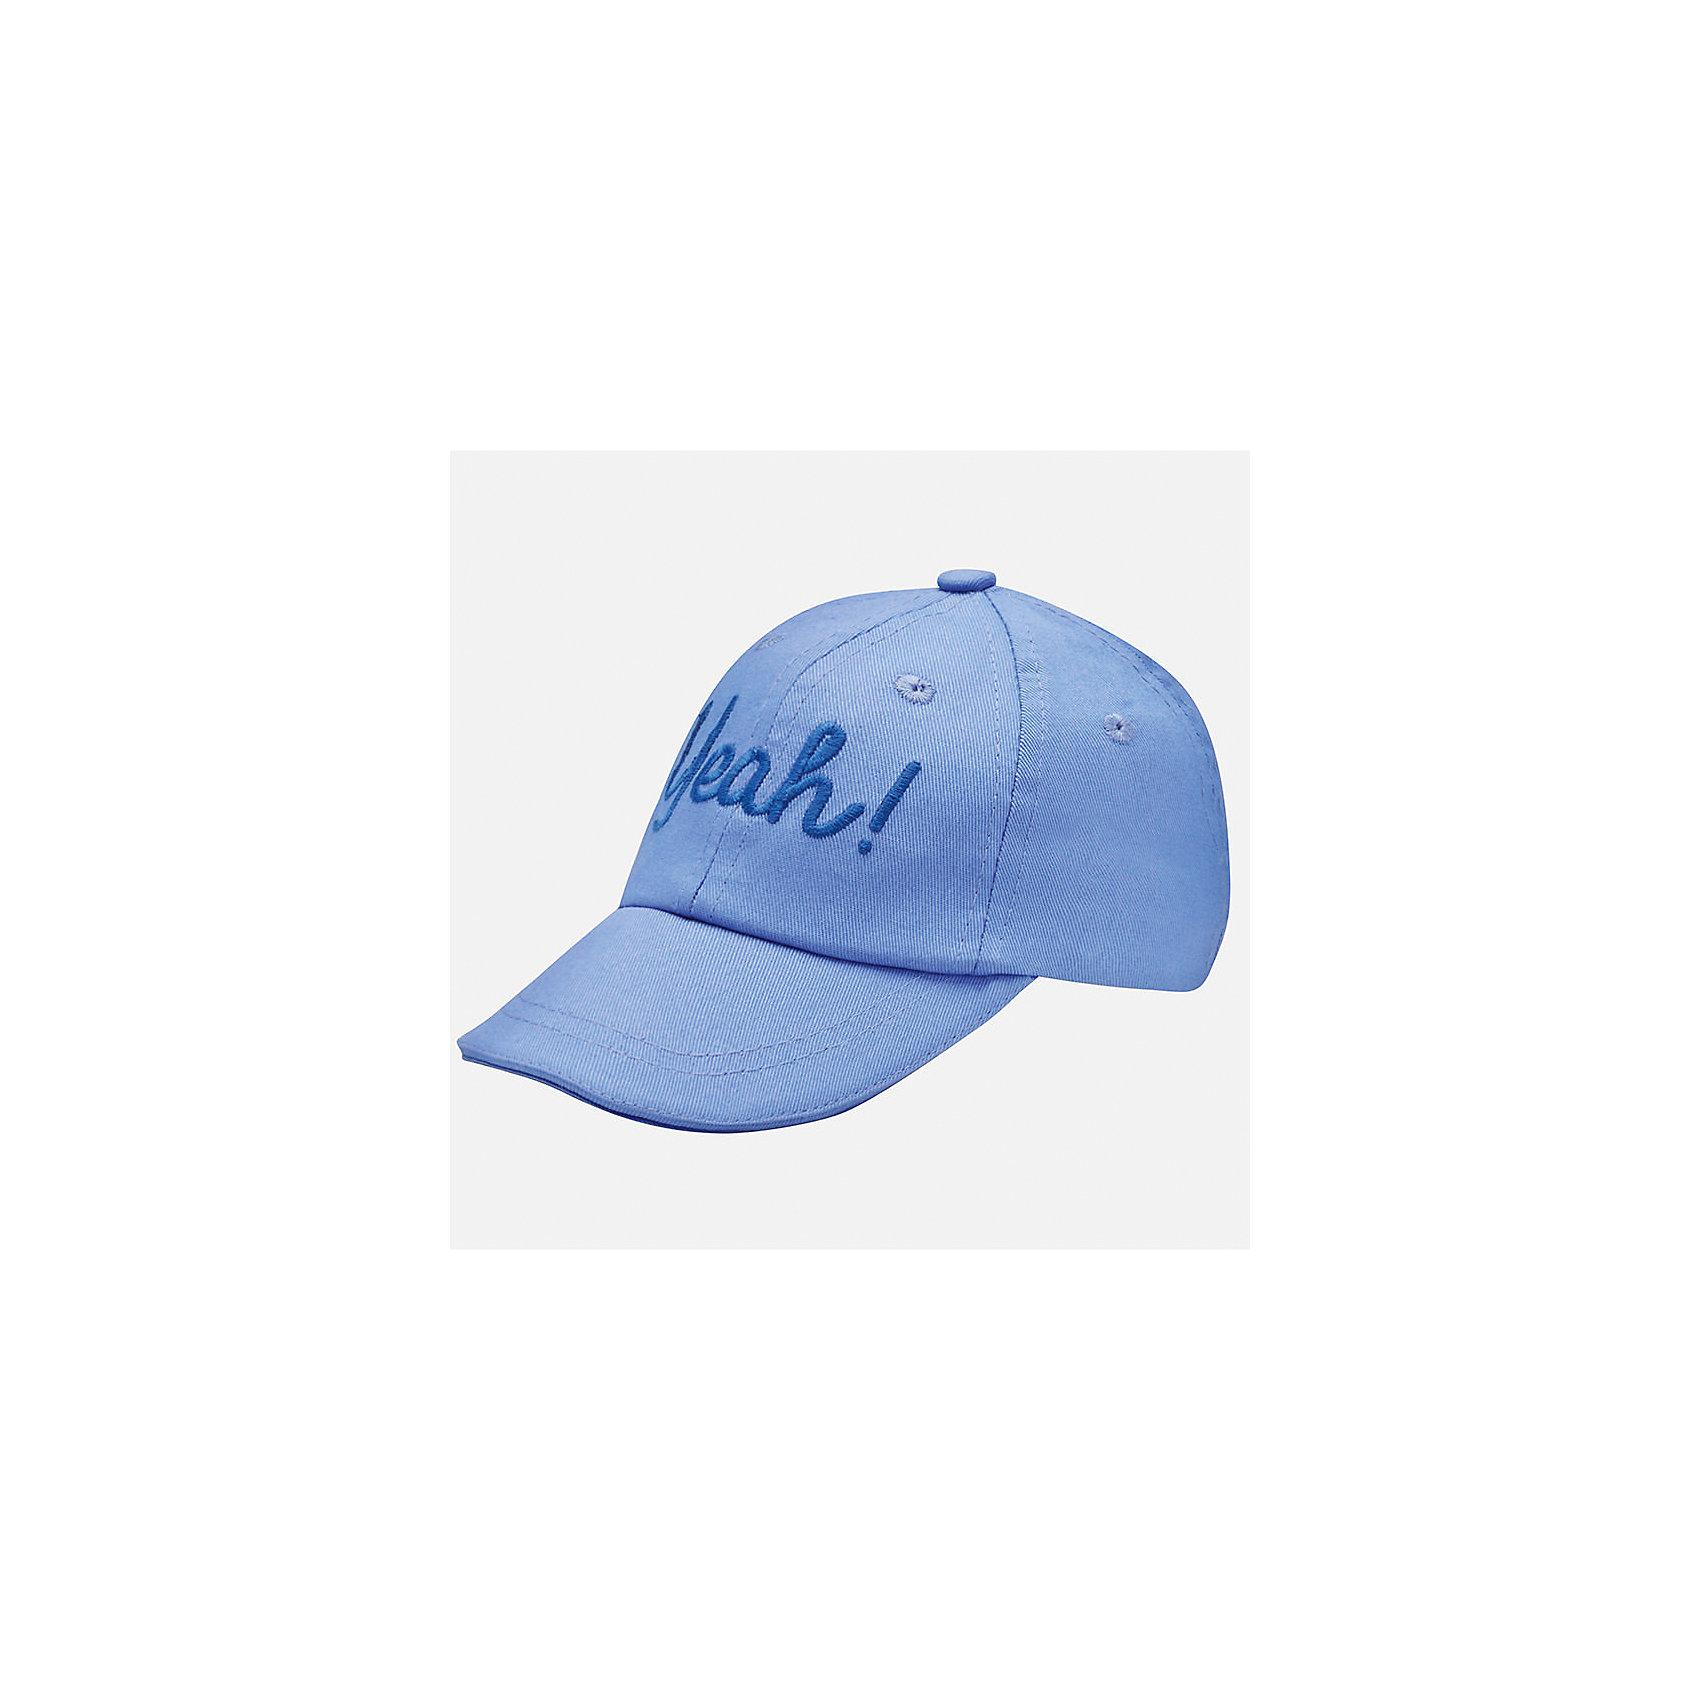 Кепка для мальчика MayoralЛетние<br>Характеристики товара:<br><br>• цвет: голубой<br>• состав: 100% хлопок, подкладка - 80% полиэстер, 20% хлопок<br>• сзади - резинка<br>• отверстия для вентиляции<br>• декорирована вышивкой<br>• страна бренда: Испания<br><br>Красивая удобная кепка поможет обеспечить ребенку защиту от солнца и дополнить наряд. Универсальный цвет позволяет надевать её под одежду различных расцветок. Кепка удобно сидит и красиво смотрится. В составе материала - натуральный хлопок, гипоаллергенный, приятный на ощупь, дышащий. <br><br>Одежда, обувь и аксессуары от испанского бренда Mayoral полюбились детям и взрослым по всему миру. Модели этой марки - стильные и удобные. Для их производства используются только безопасные, качественные материалы и фурнитура. Порадуйте ребенка модными и красивыми вещами от Mayoral! <br><br>Кепку для мальчика от испанского бренда Mayoral (Майорал) можно купить в нашем интернет-магазине.<br><br>Ширина мм: 89<br>Глубина мм: 117<br>Высота мм: 44<br>Вес г: 155<br>Цвет: белый<br>Возраст от месяцев: 12<br>Возраст до месяцев: 18<br>Пол: Мужской<br>Возраст: Детский<br>Размер: 48,50<br>SKU: 5294262